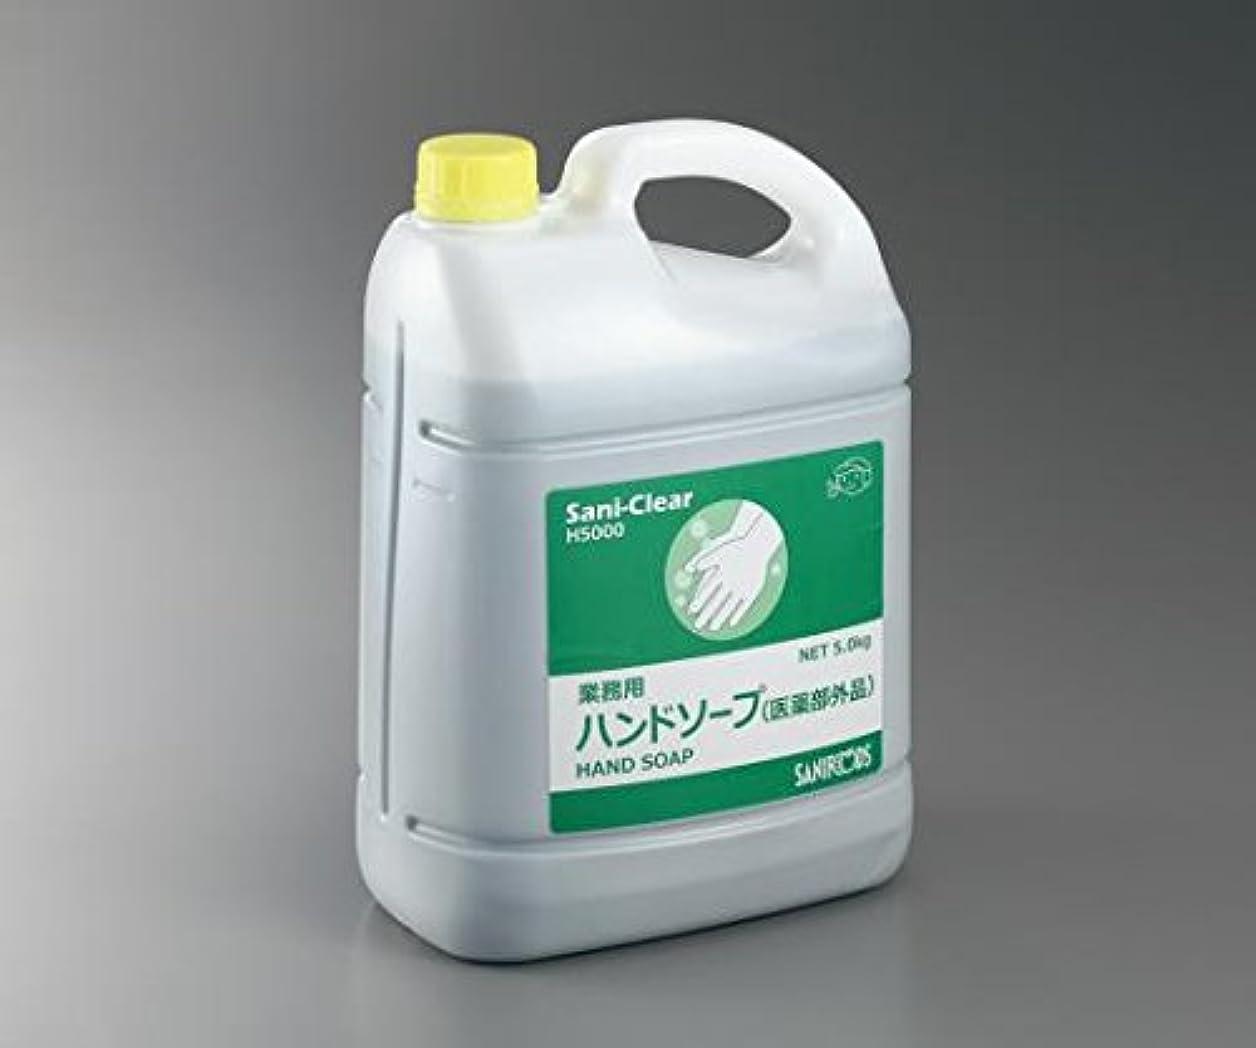 なしでナインへ発動機業務用薬用ハンドソープ Sani-Clear (サニクリア) 無香料 5kg H5000